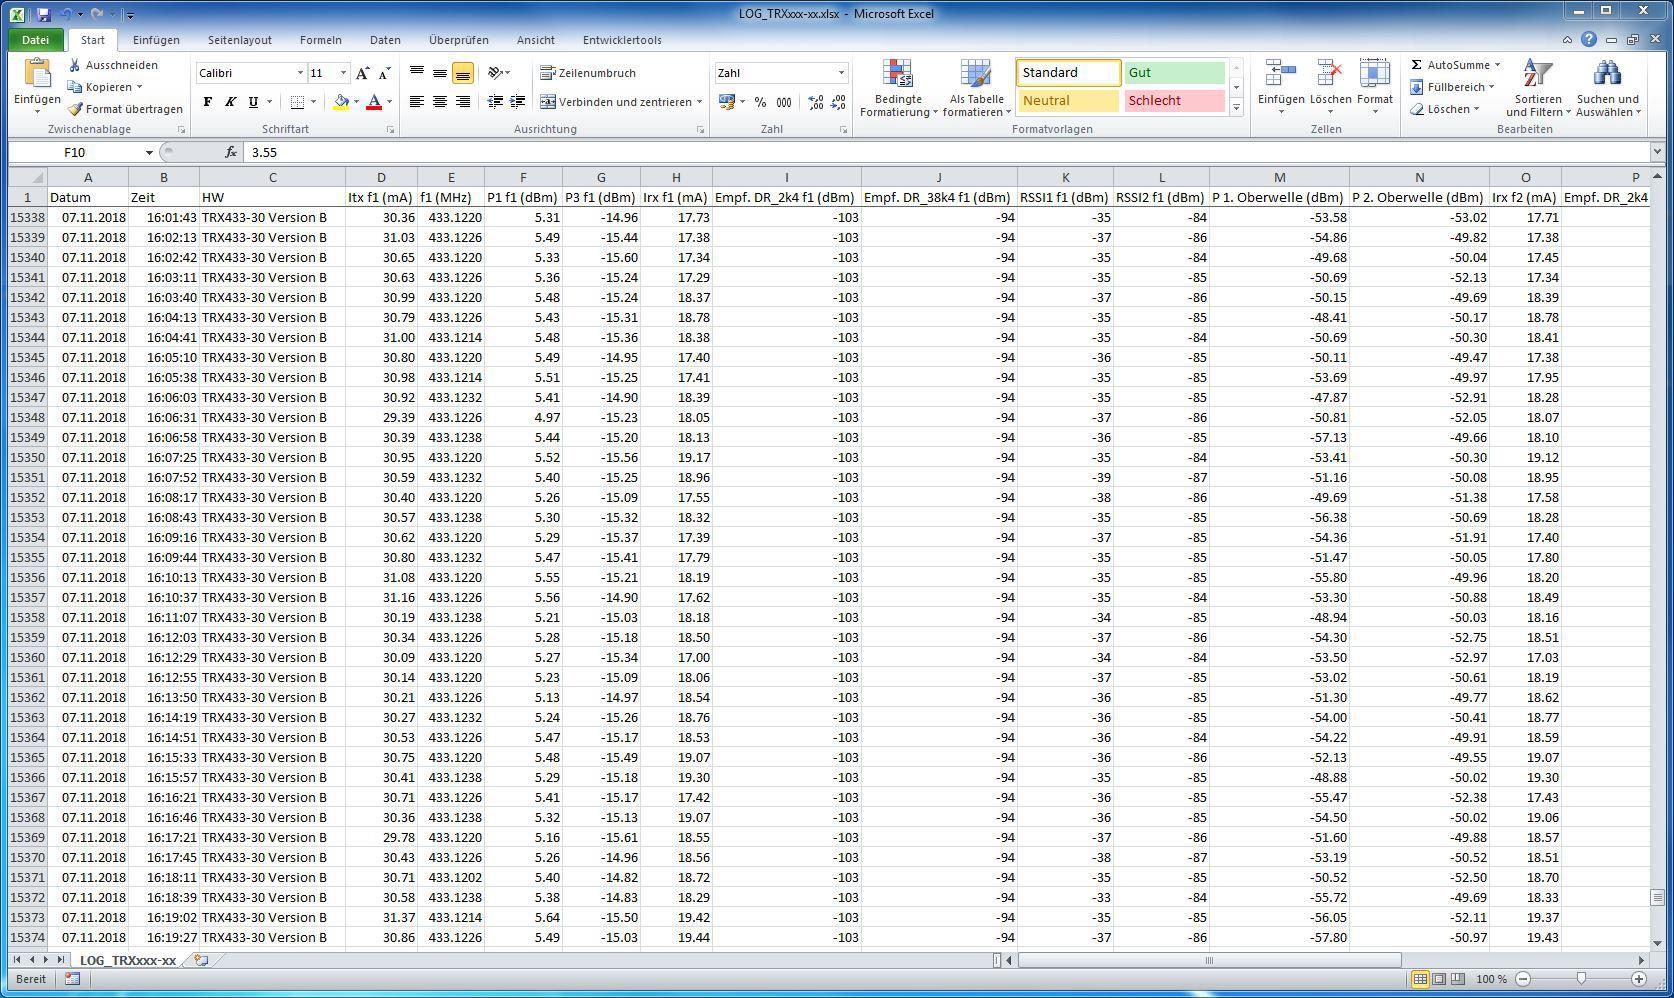 Protokoll der gemessenen Werte während dem Test.